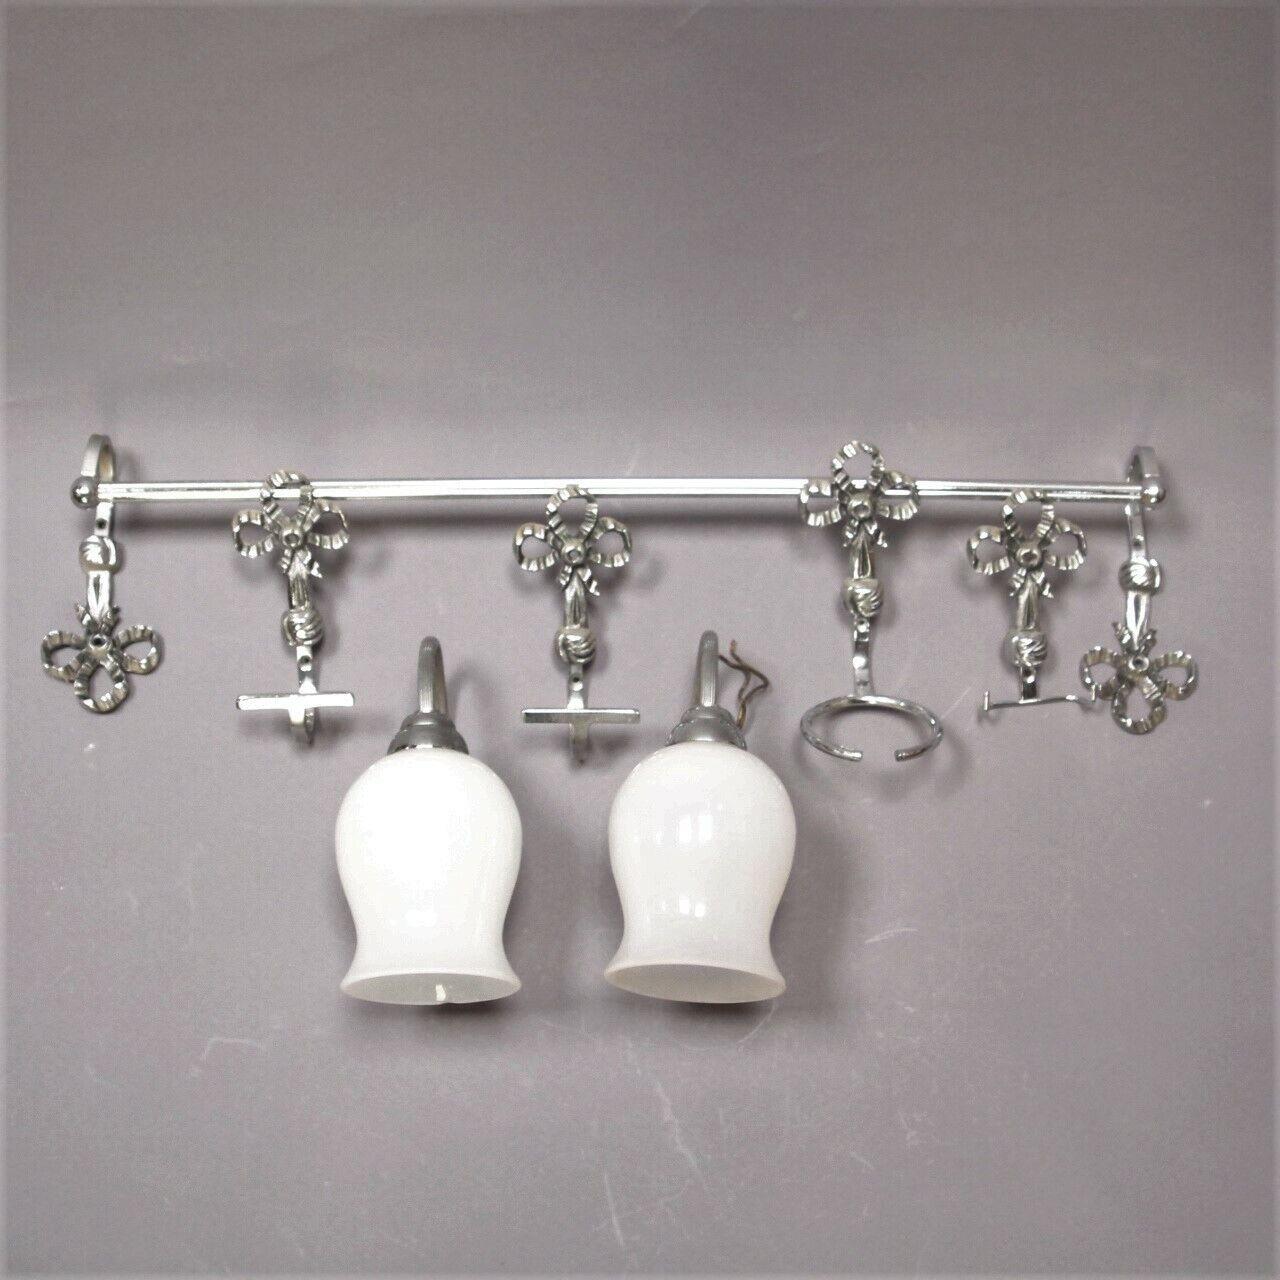 Ensemble accessoires de salle de bain vintage en  métal chromé et opaline